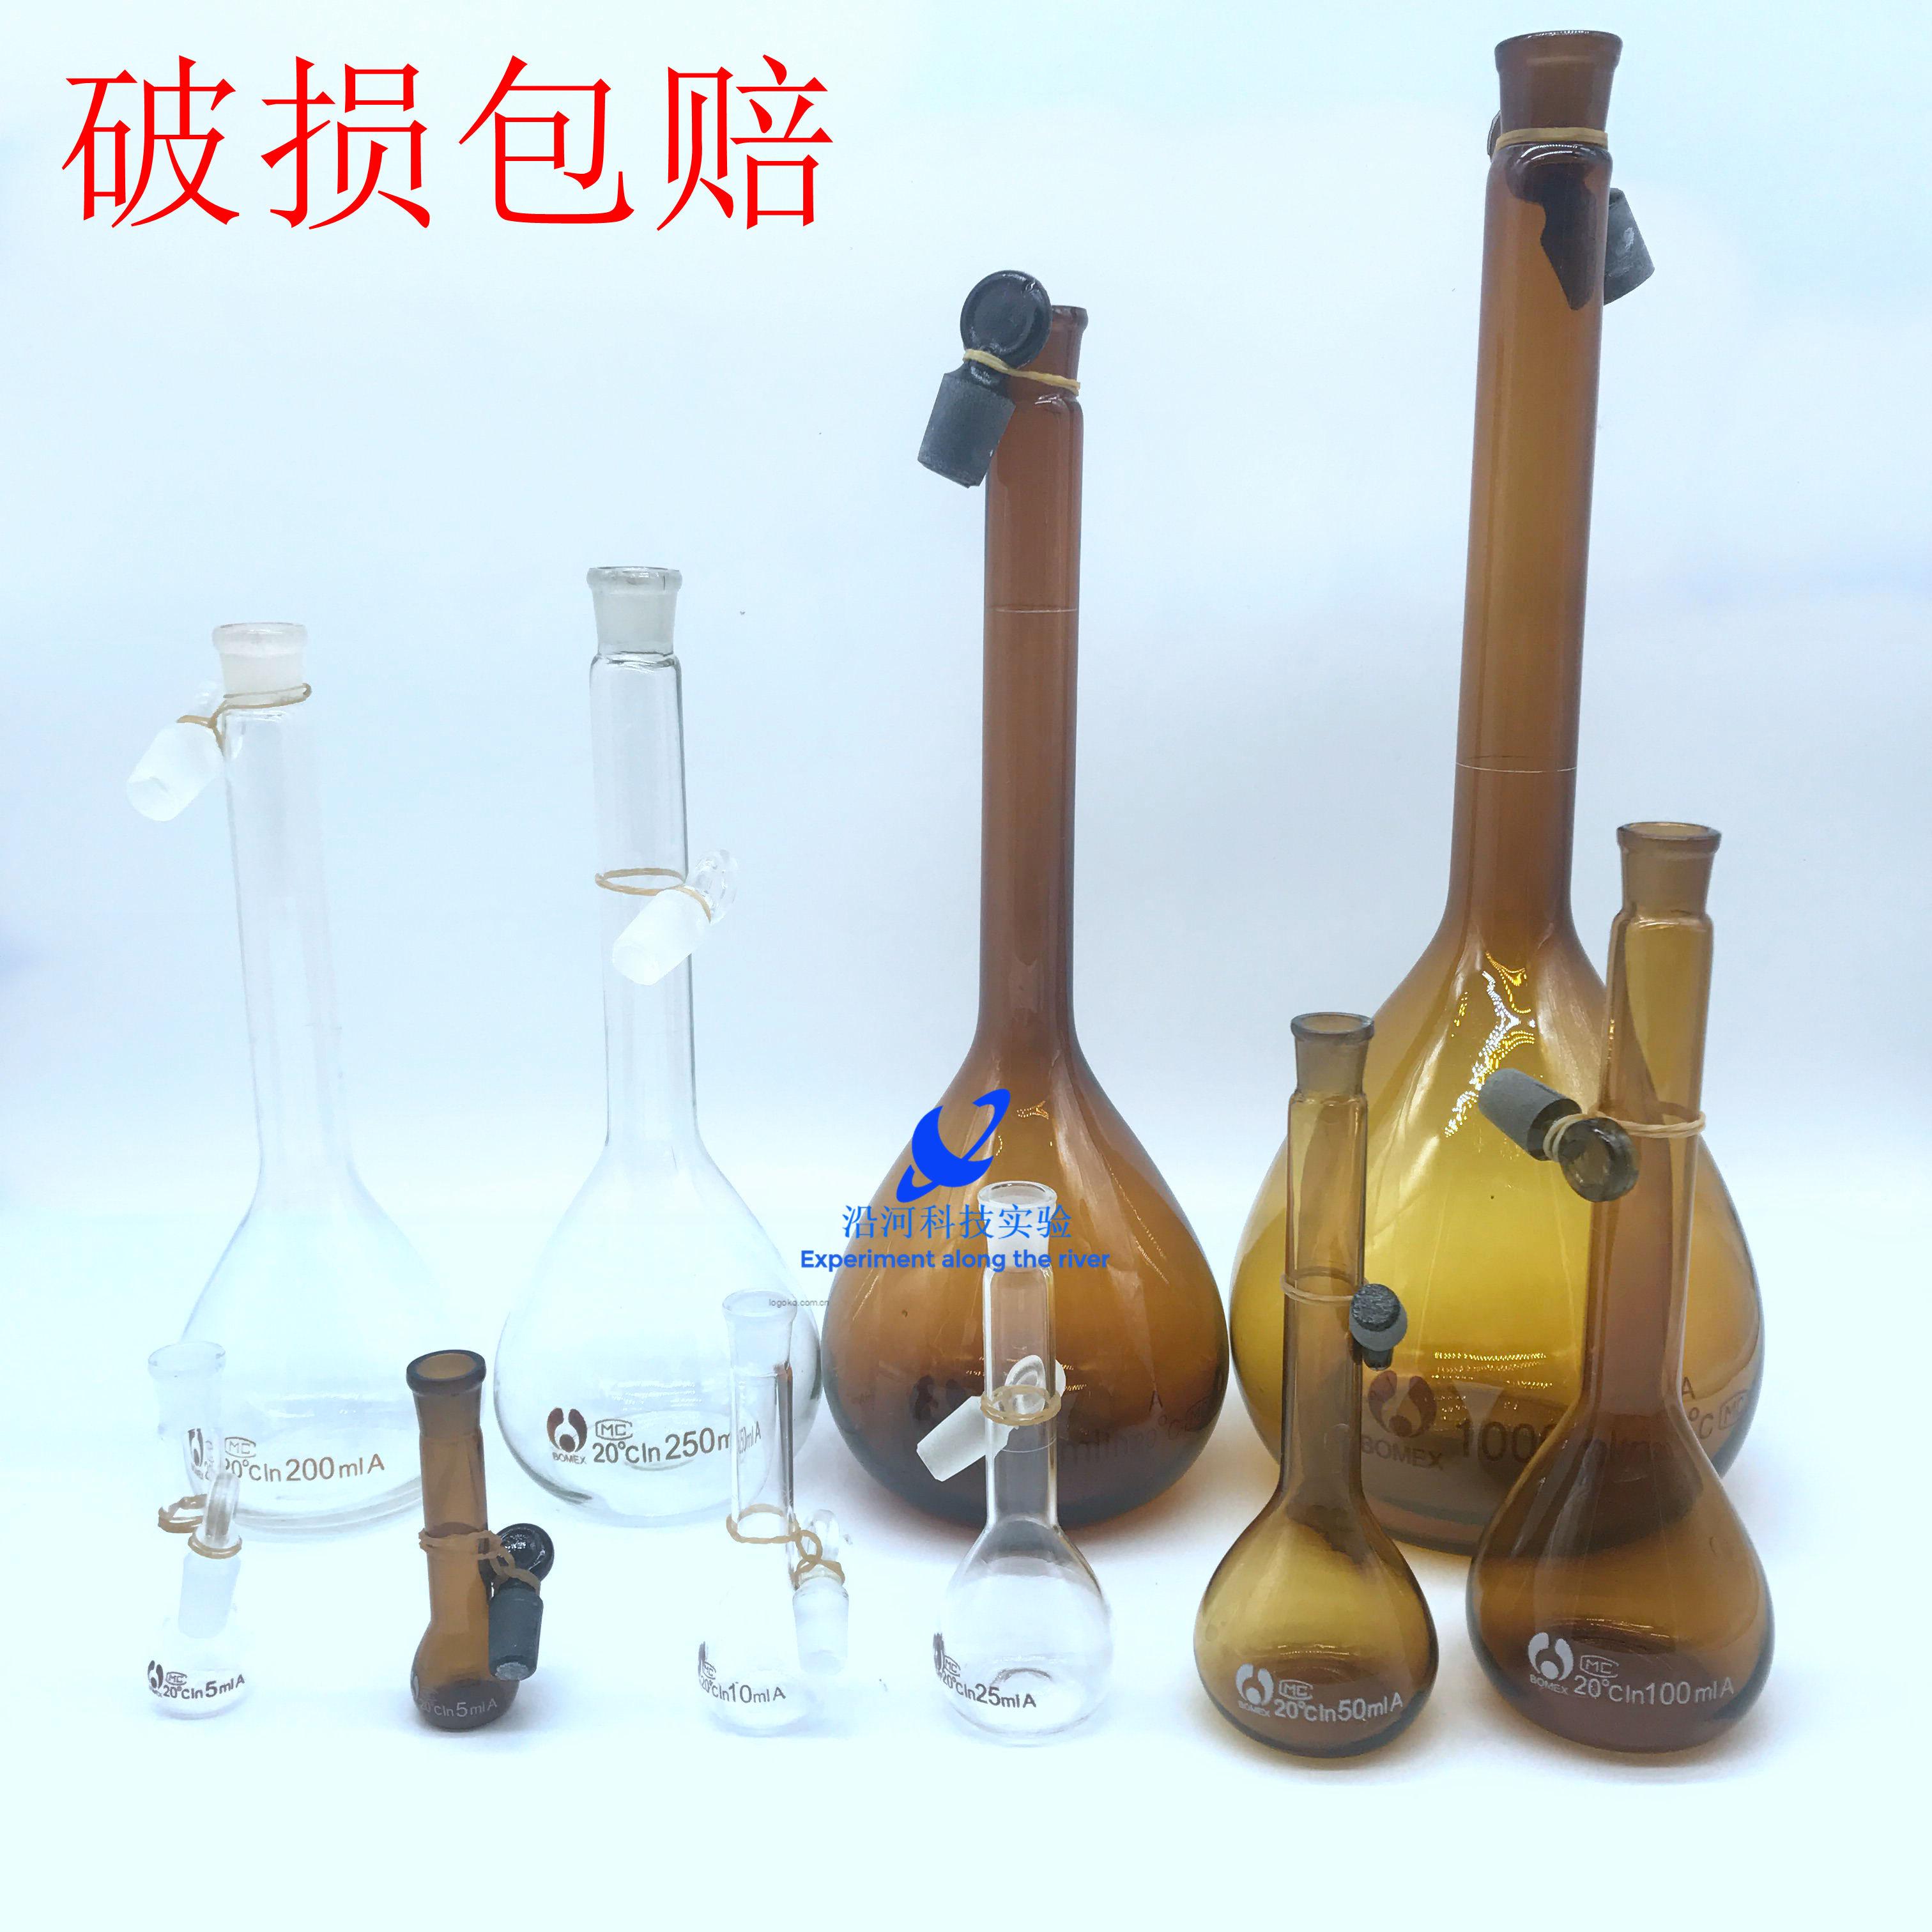 透明棕色 玻璃容量瓶1 2 5 10 20 25 50 100 250 500 1000ml A级